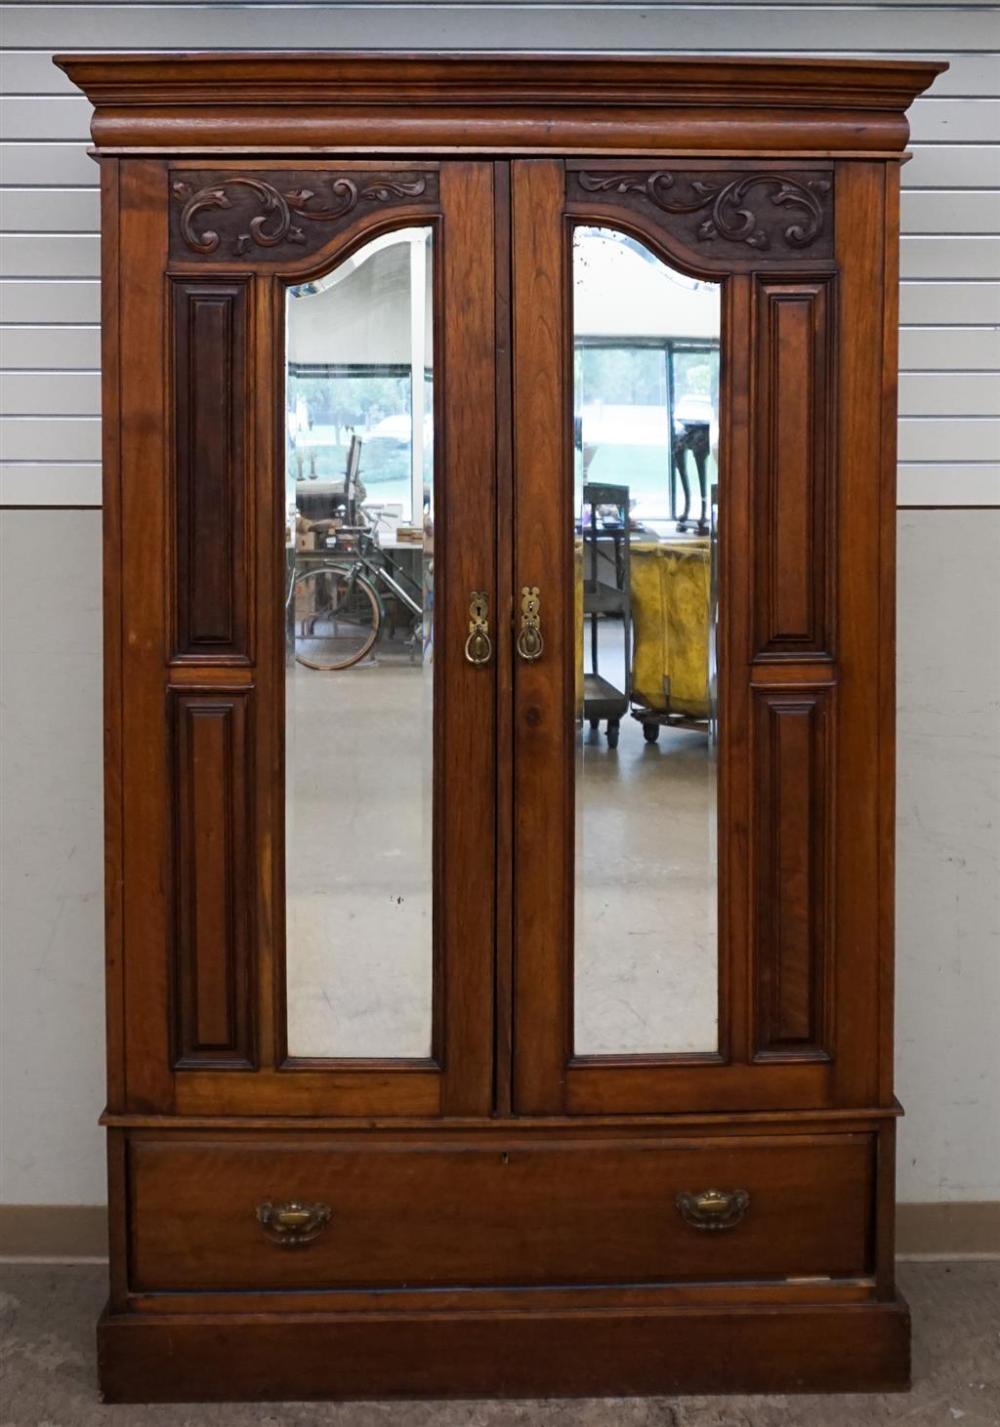 Victorian Walnut Mirrored Door Armoire, H: 75-1/4; W: 48-3/4; D: 18-3/4 in